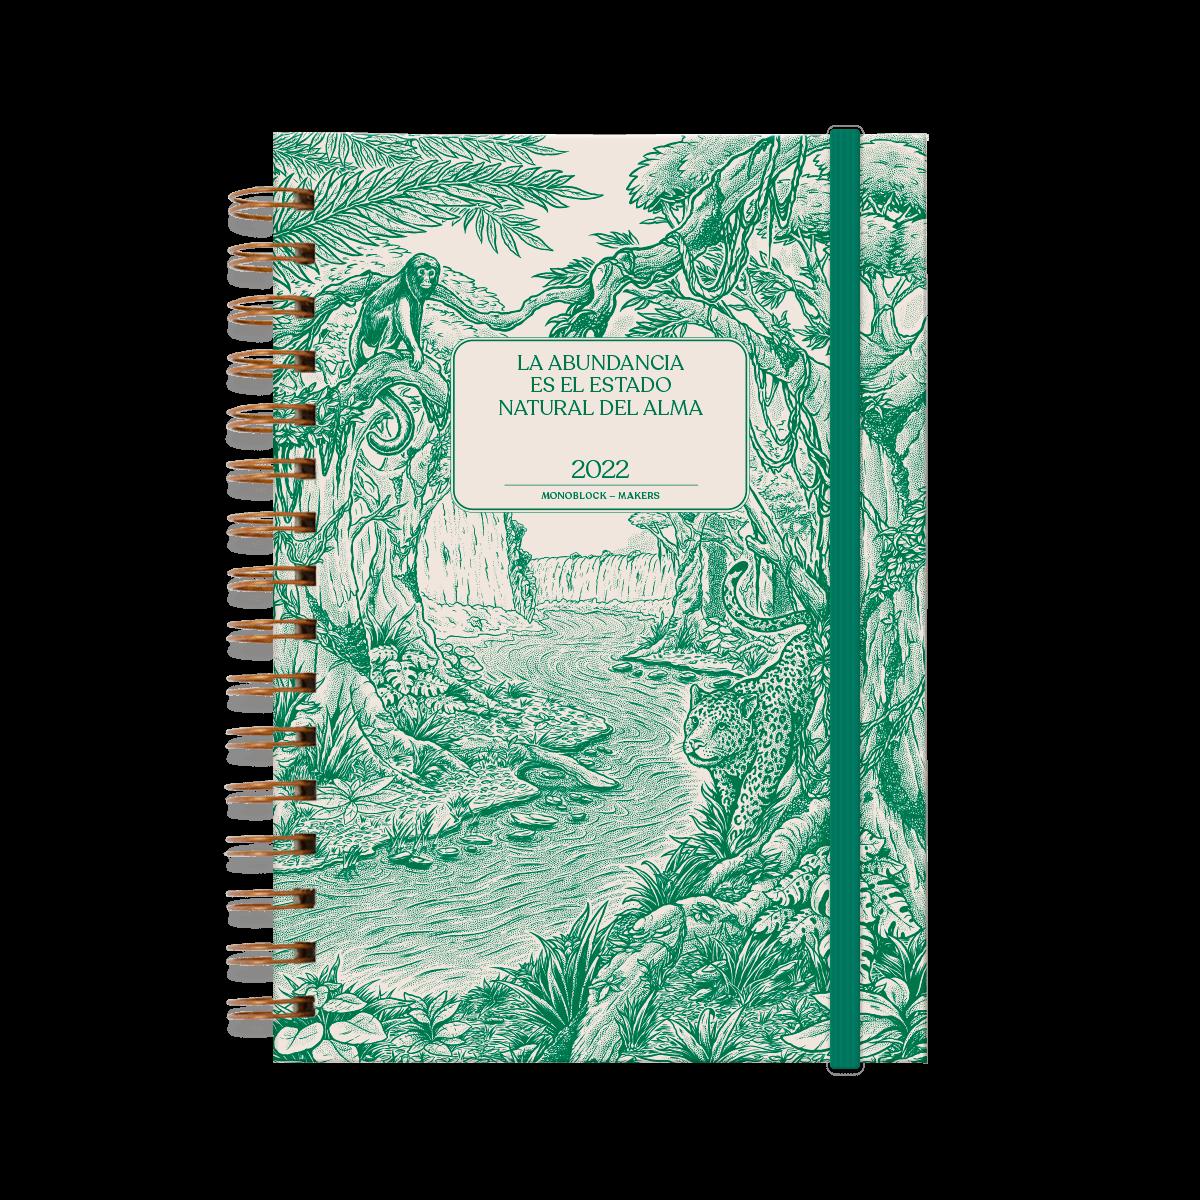 Agenda 2022 anillada modelo makers Abundancia, de frente, cerrada con elástico verde, con ilustración de un bosque, animales y un río en color verde, elástico verde y tapa dura.